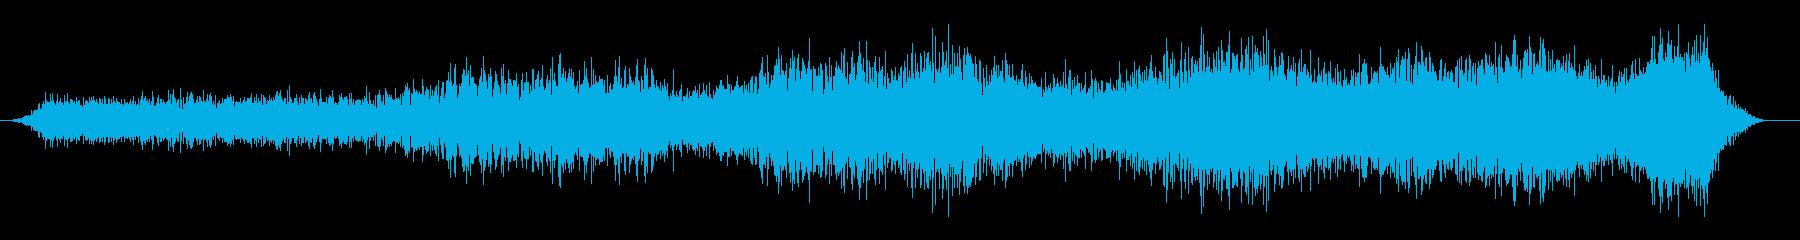 上向き昇順の再生済みの波形